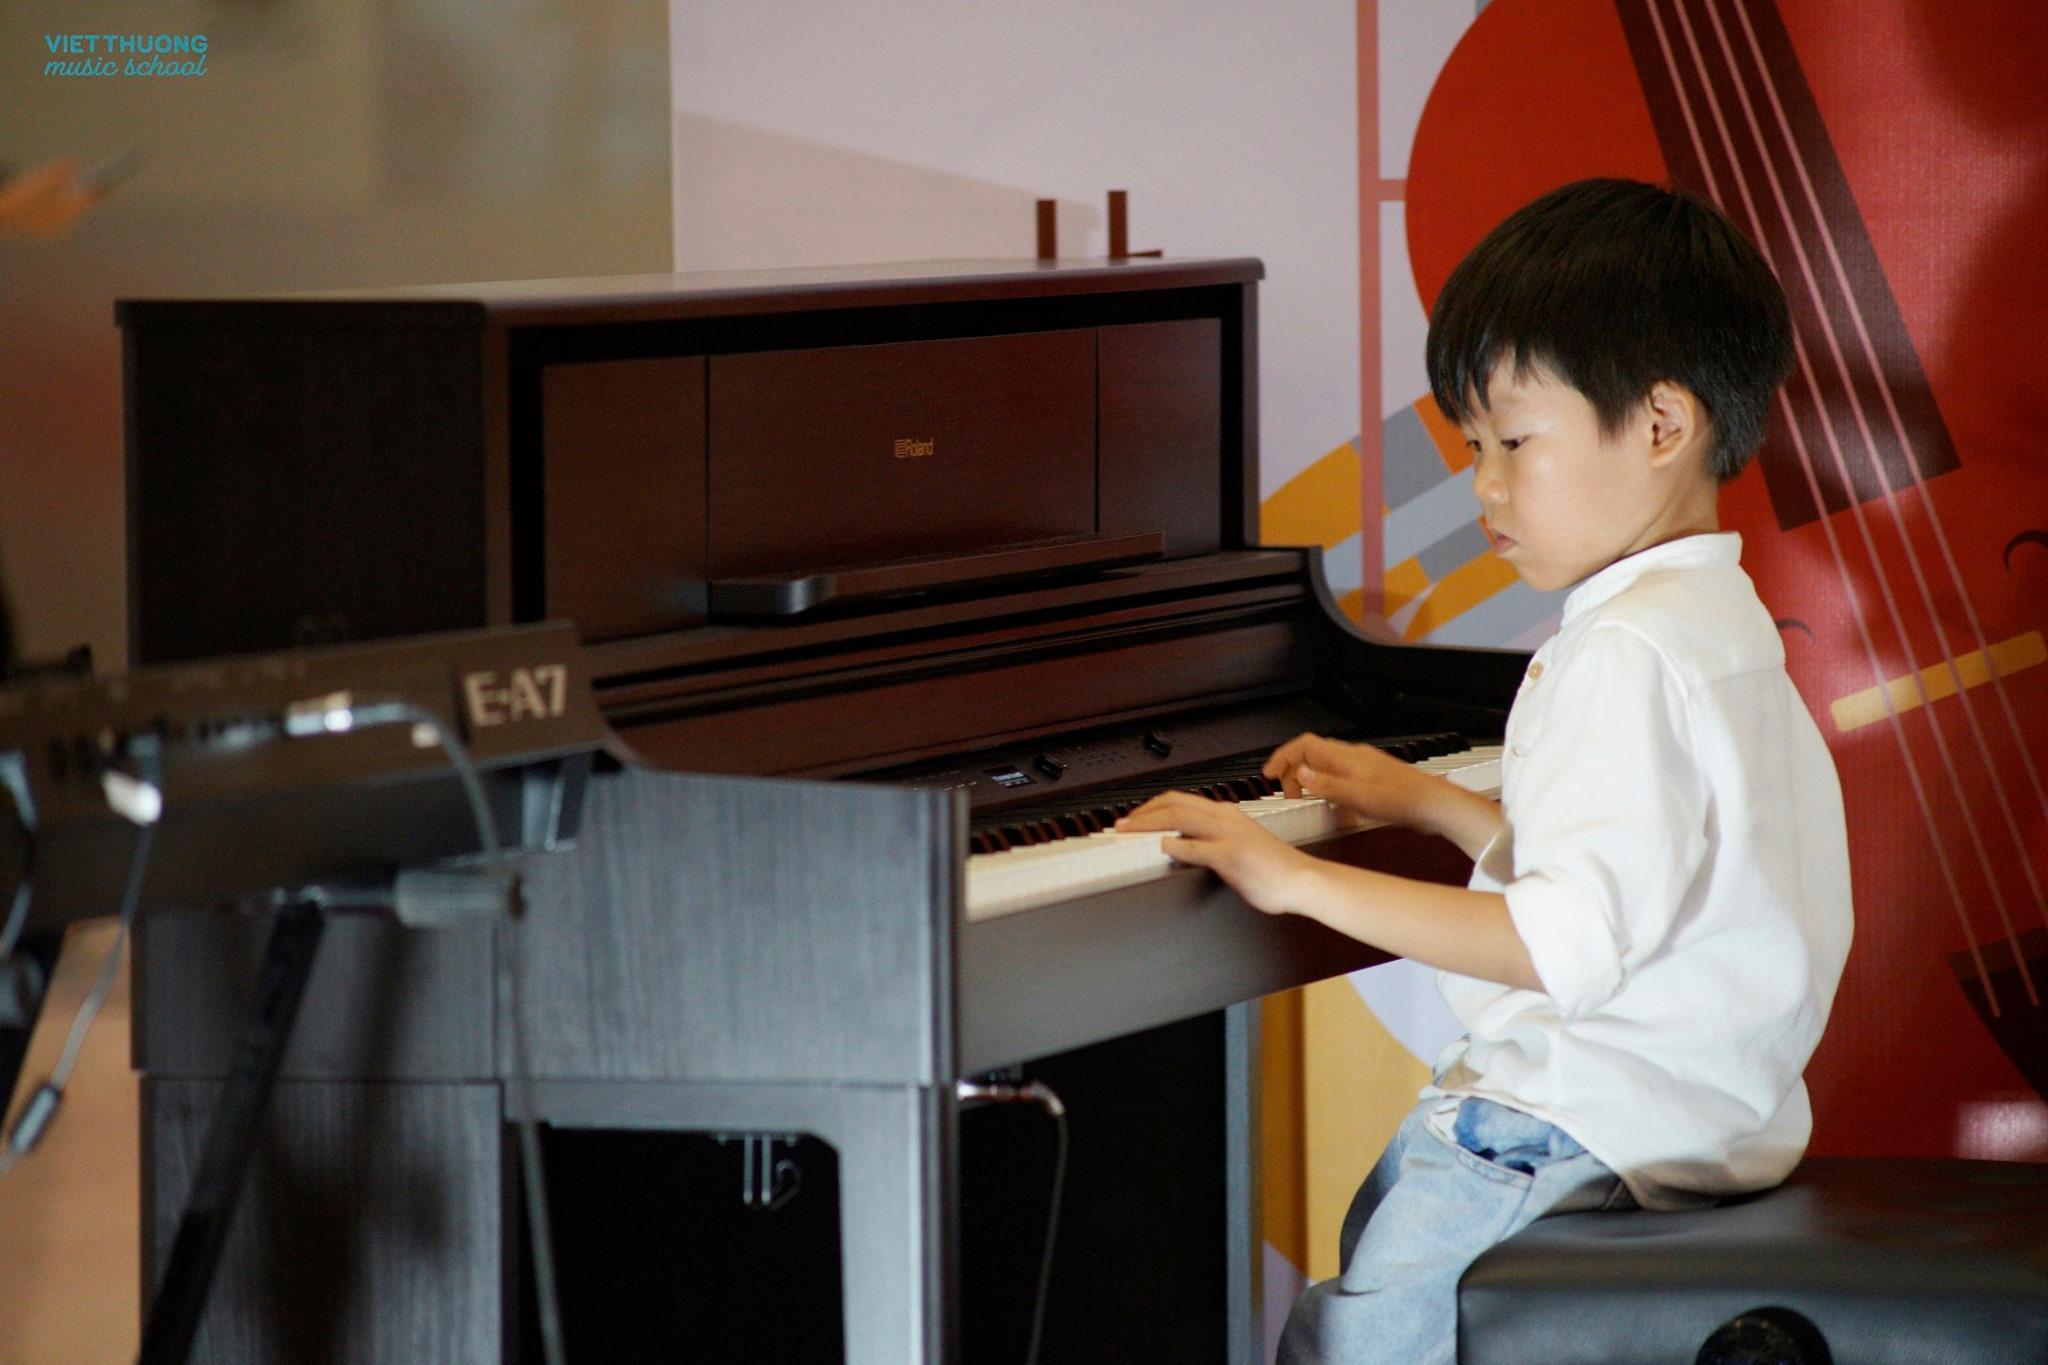 Nhật ký tự dạy con học đàn piano khi mới 4 tuổi của một bà mẹ